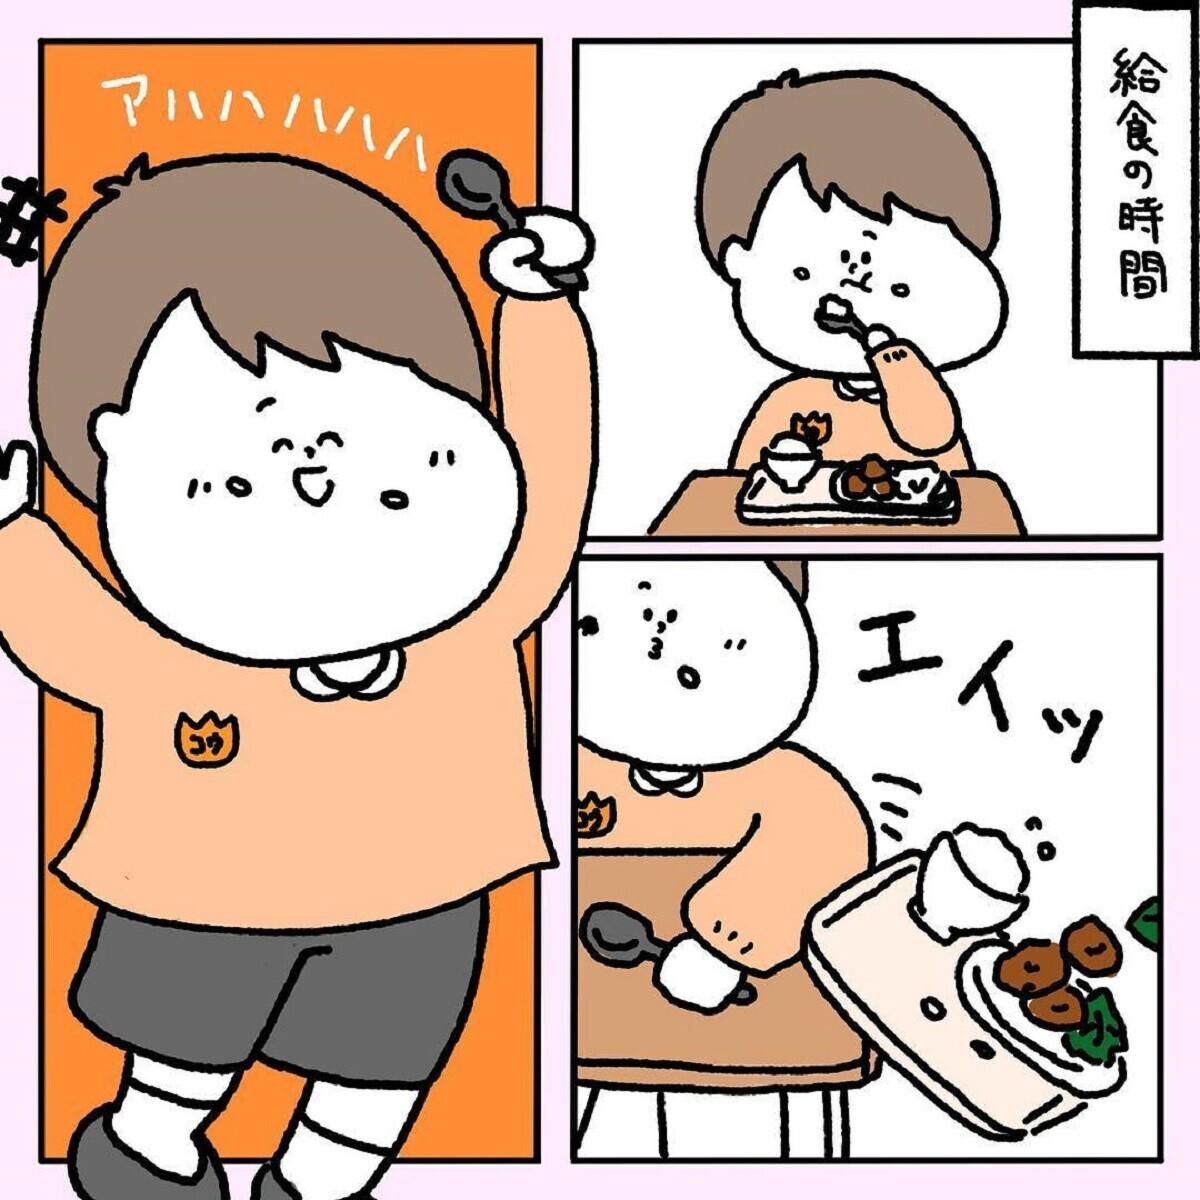 【ほっこりする話】「なんで食べてくれないの?」落ち込む私を見つめていたのは【みんなの〇〇な話 Vol.5】